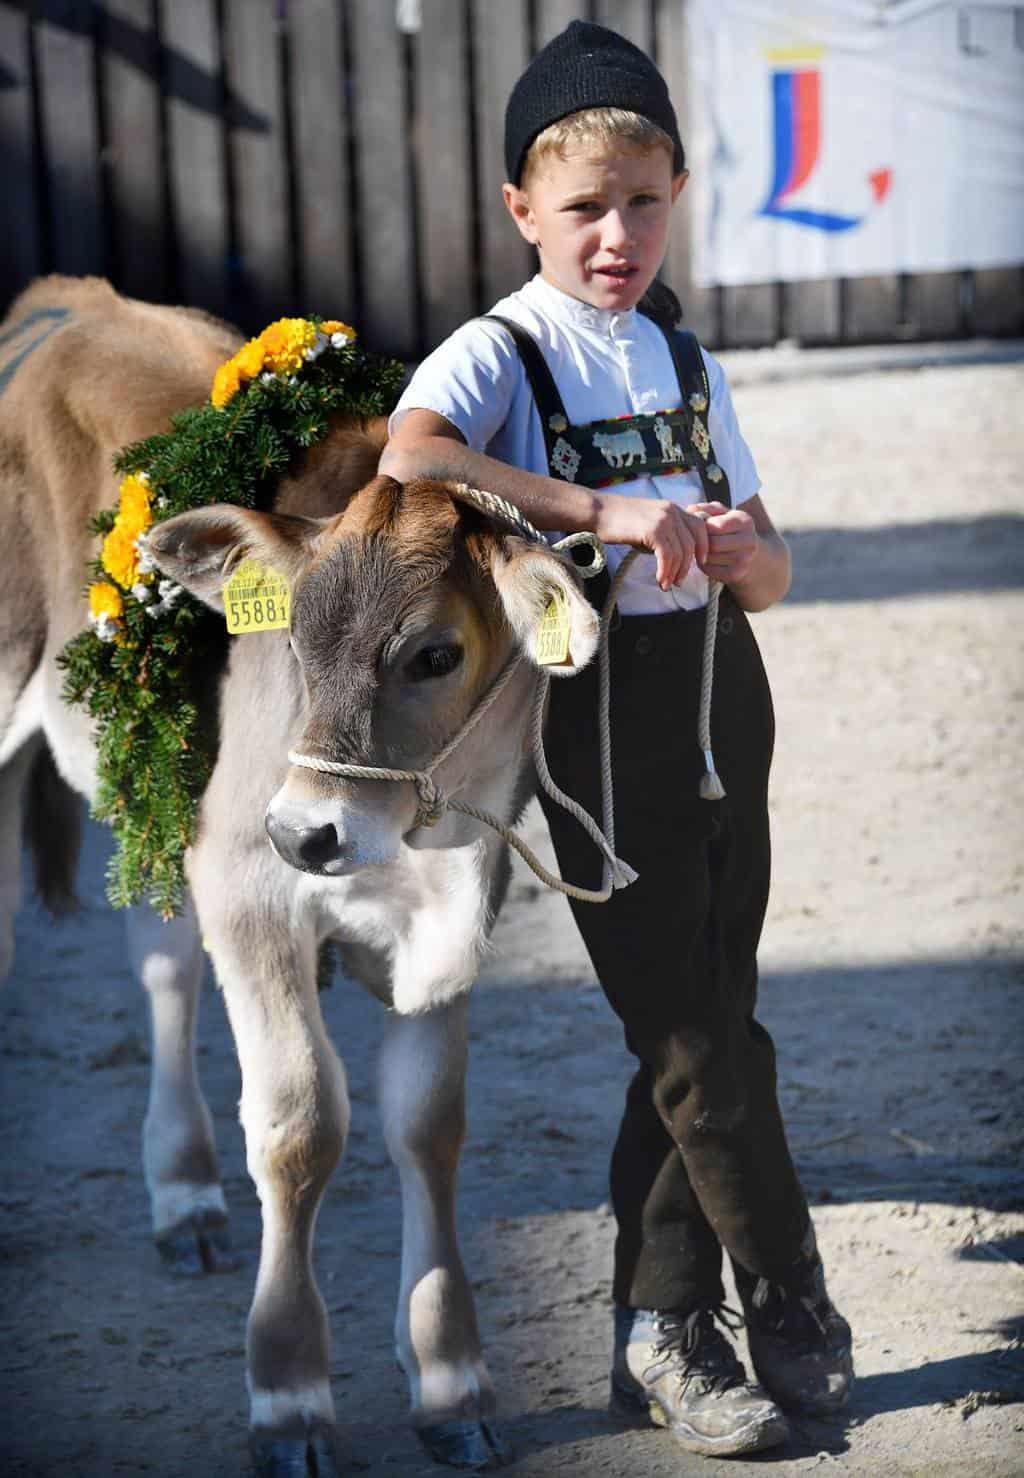 Olma Festival in St Gallen